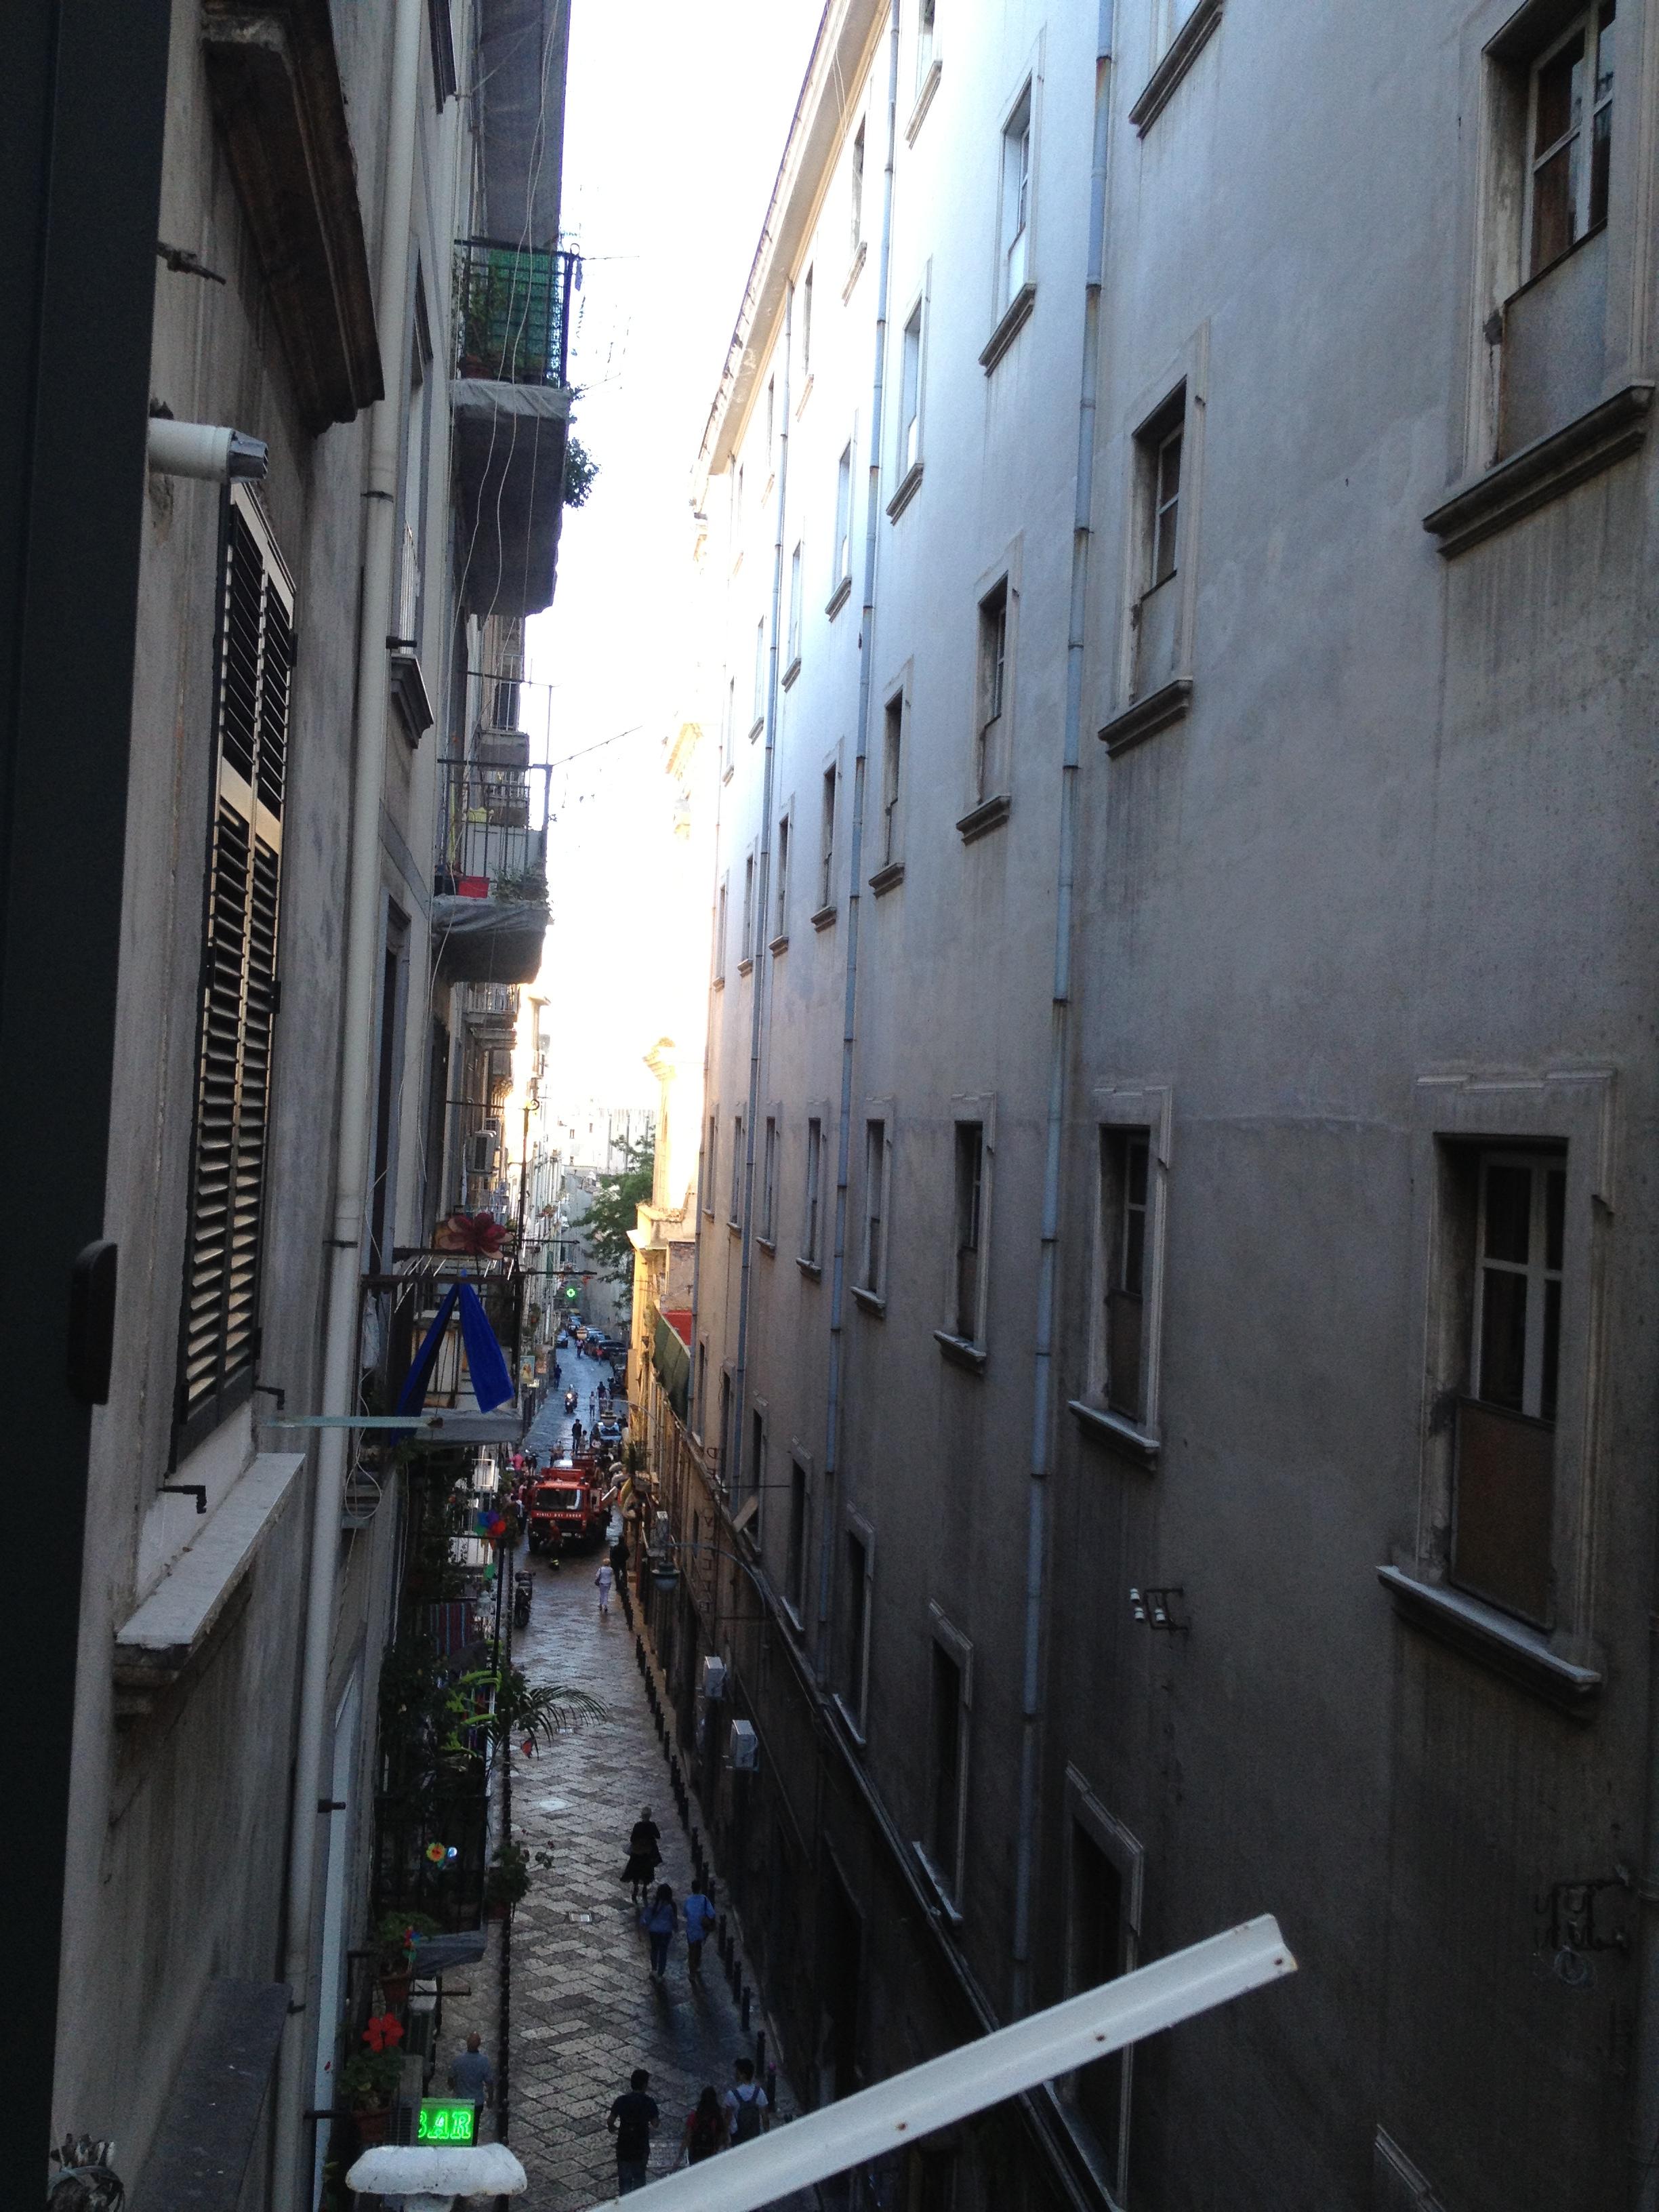 Appartamento ristrutturato nel centro storico di napoli for Case in vendita napoli centro